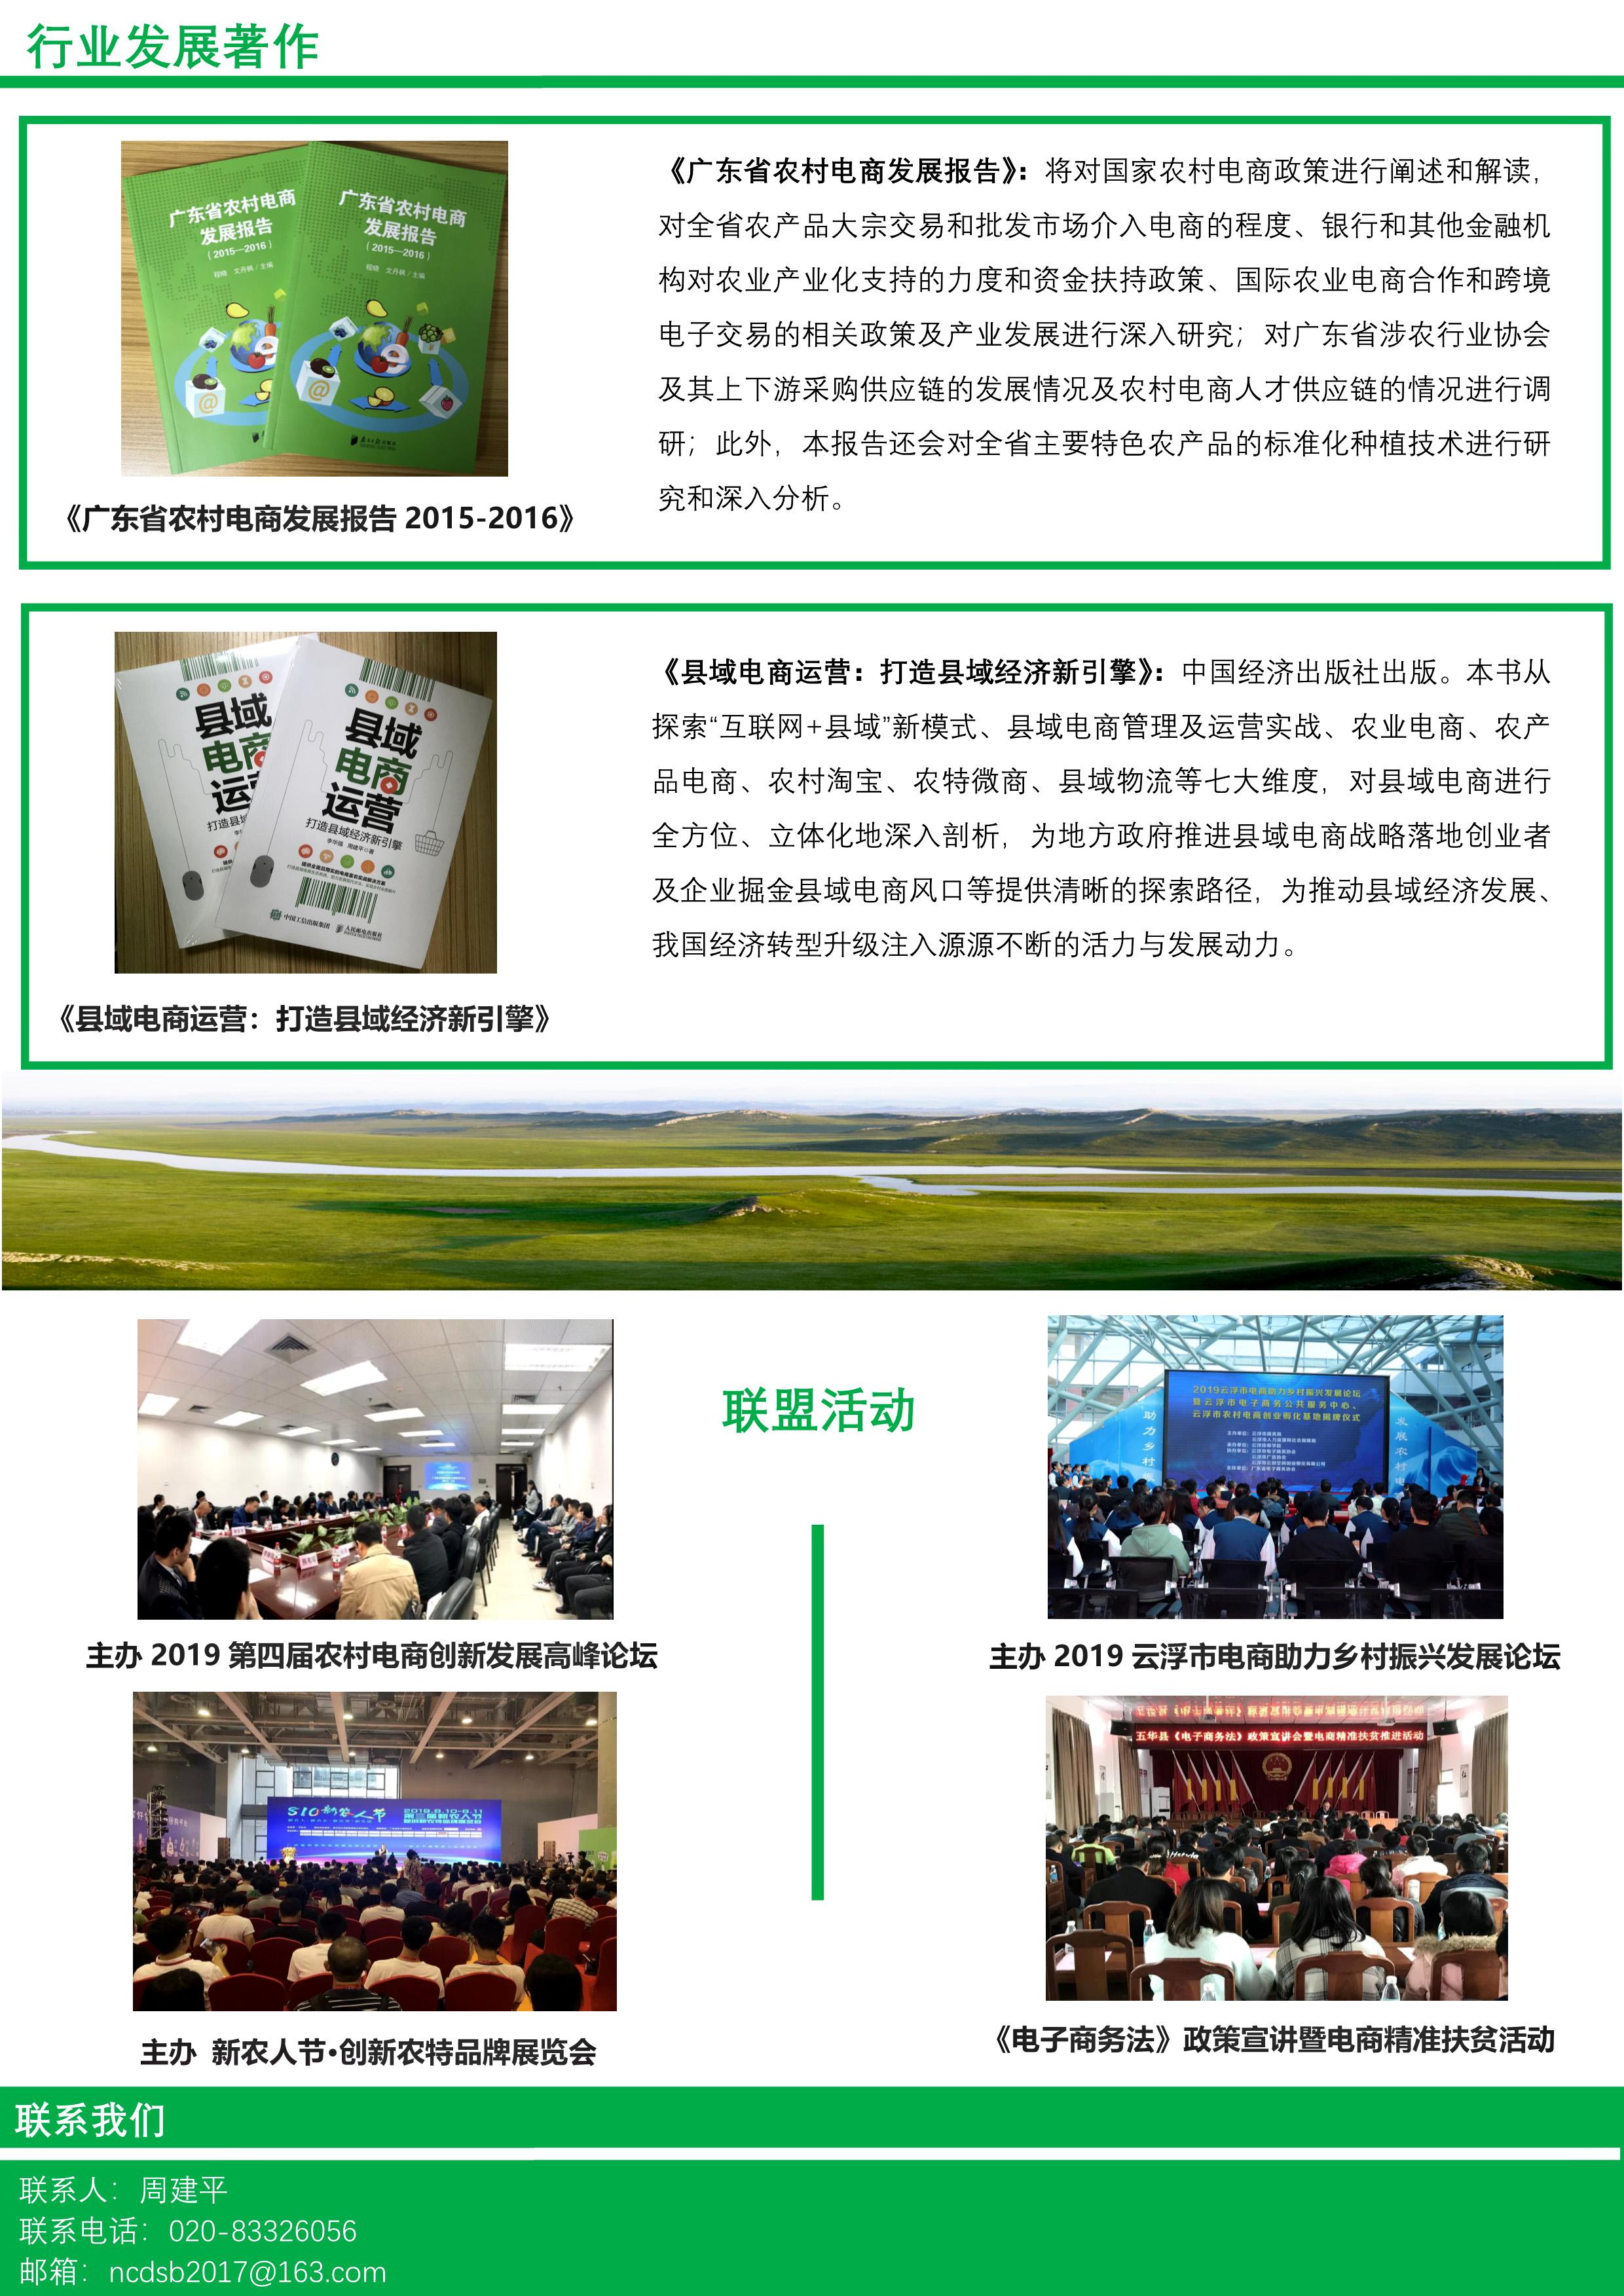 广东省农村电商和乡村振兴产业联盟_2